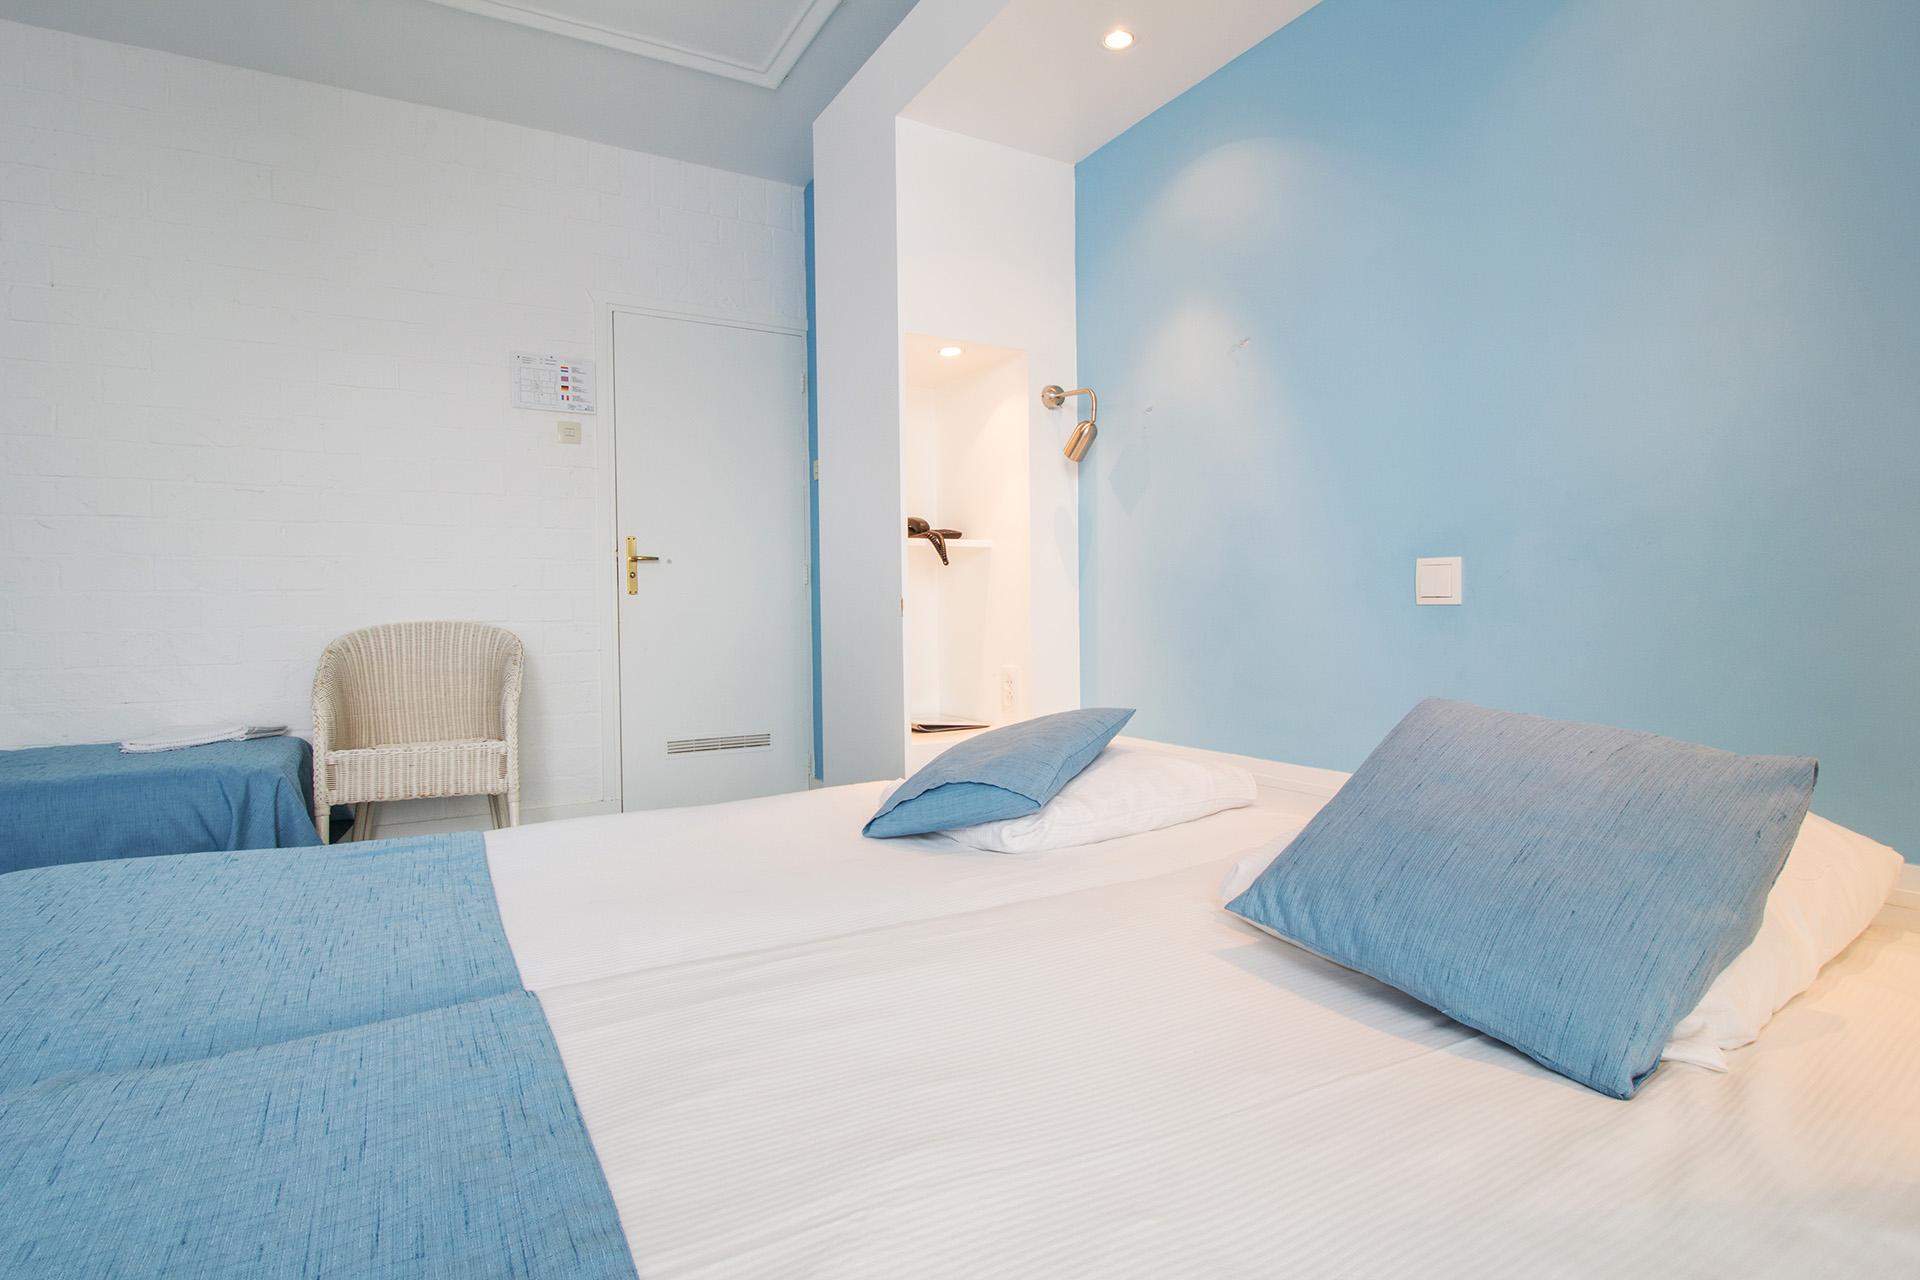 Hotel Mimosa - Standaardkamer